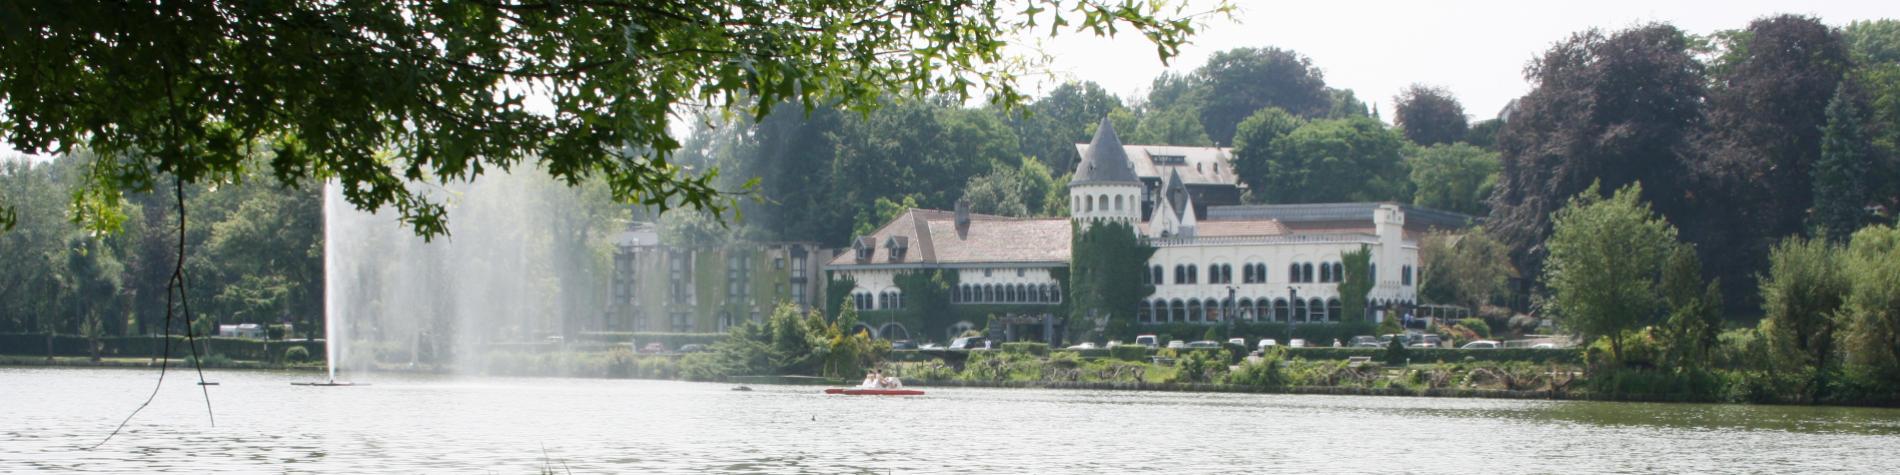 Vue sur le Martin's Château du lac à Genval, dans le Brabant wallon